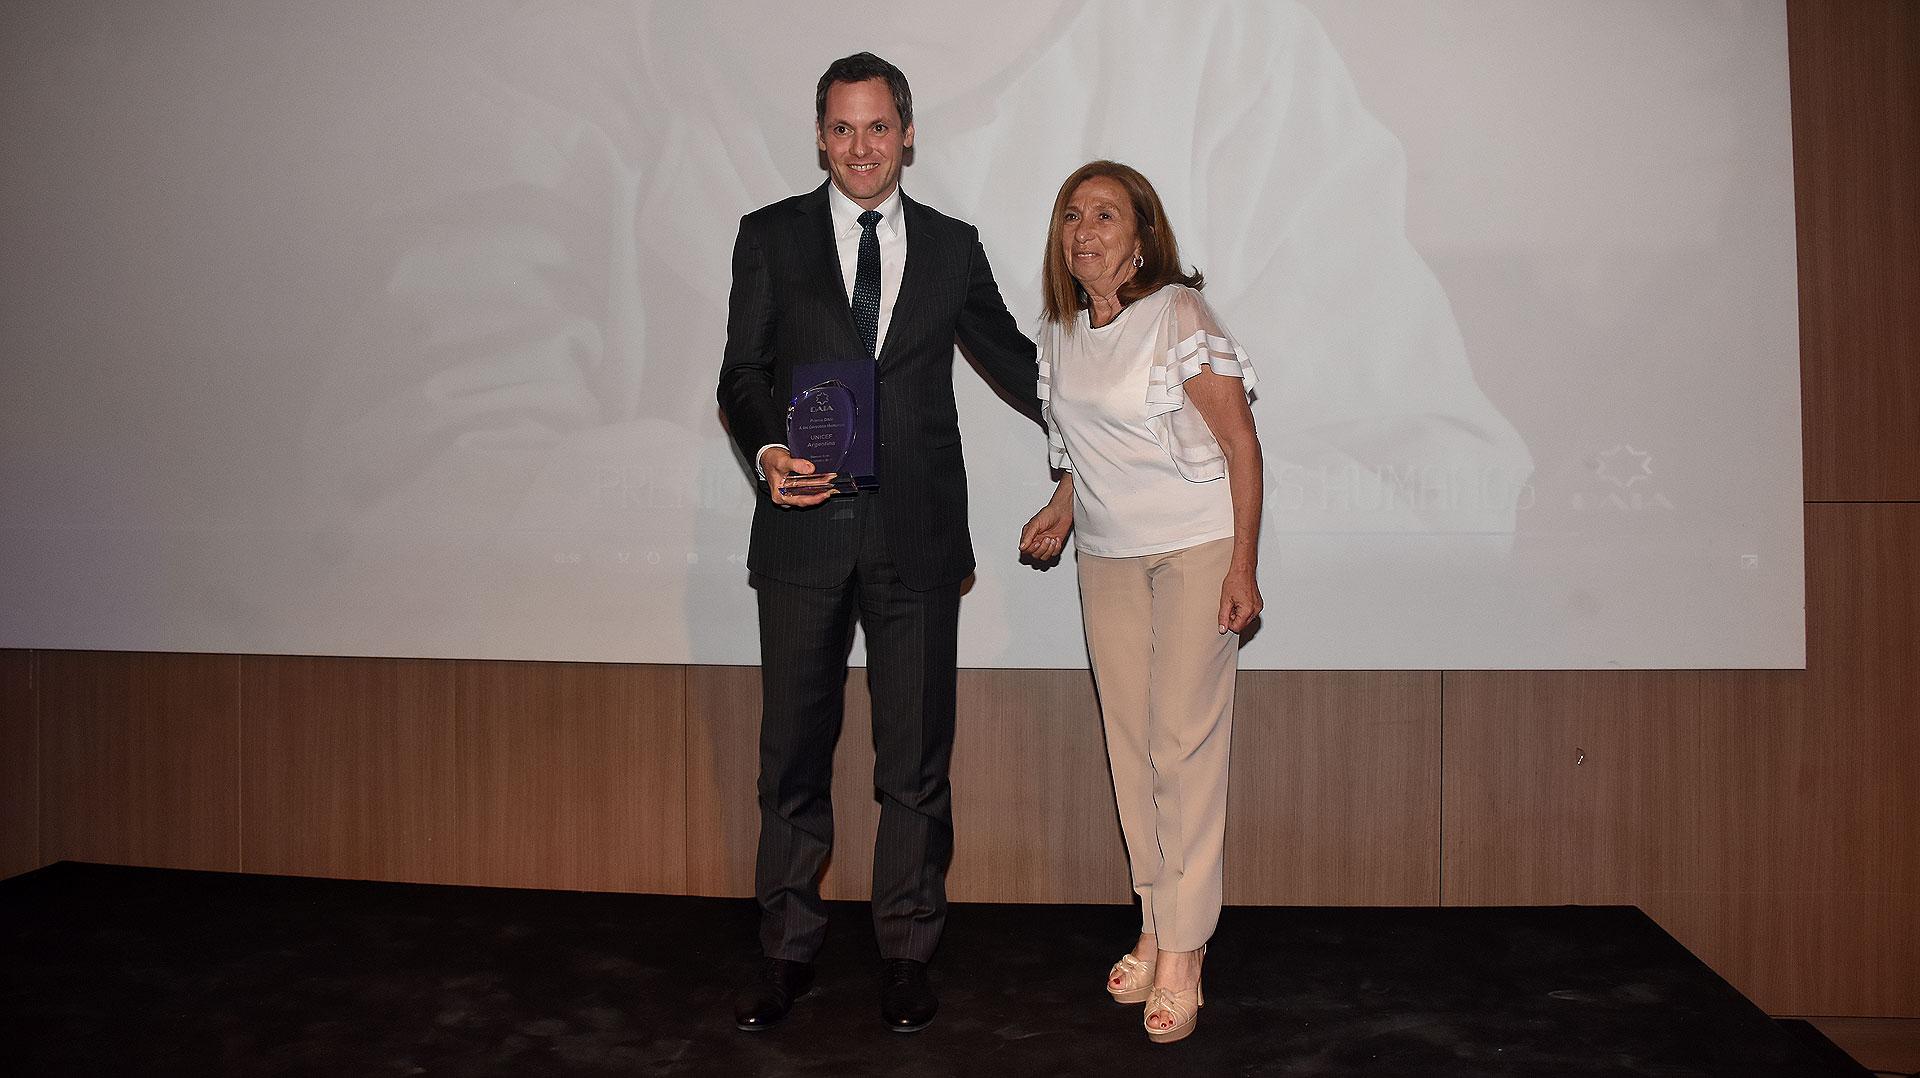 El Premio DAIA a los Derechos Humanos fue recibido por UNICEF Argentina, que trabaja para promover la protección de los derechos de los niños y adolescentes, ayudar a satisfacer sus necesidades más importantes y aumentar las oportunidades que se les ofrecen, a fin de que alcancen el pleno desarrollo de sus capacidades